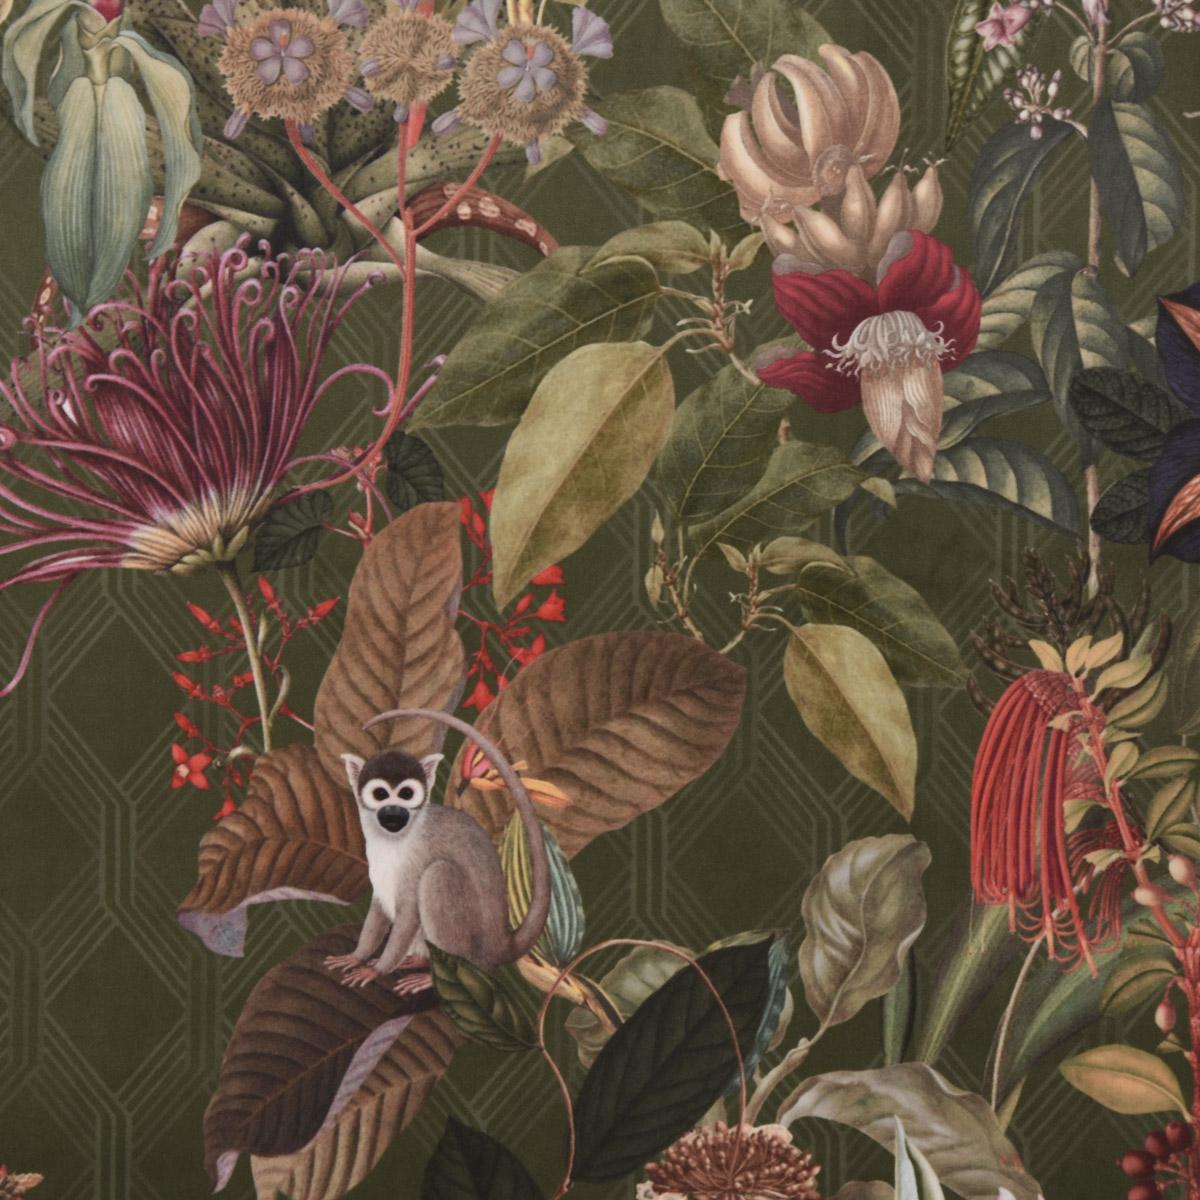 Samtstoff Dekostoff Velvet Samt Botanic Chic Dschungel Botanik Raute grün 1,45m